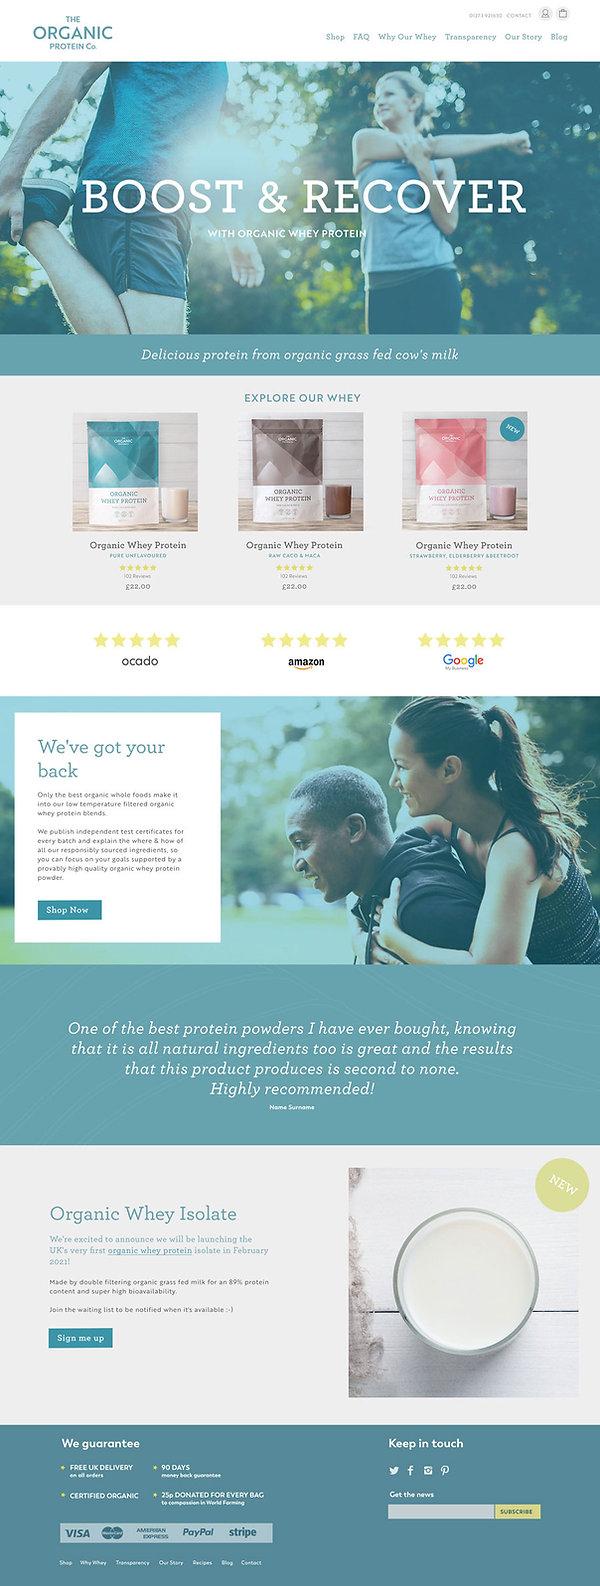 Webdesign-homepagedesign.jpg